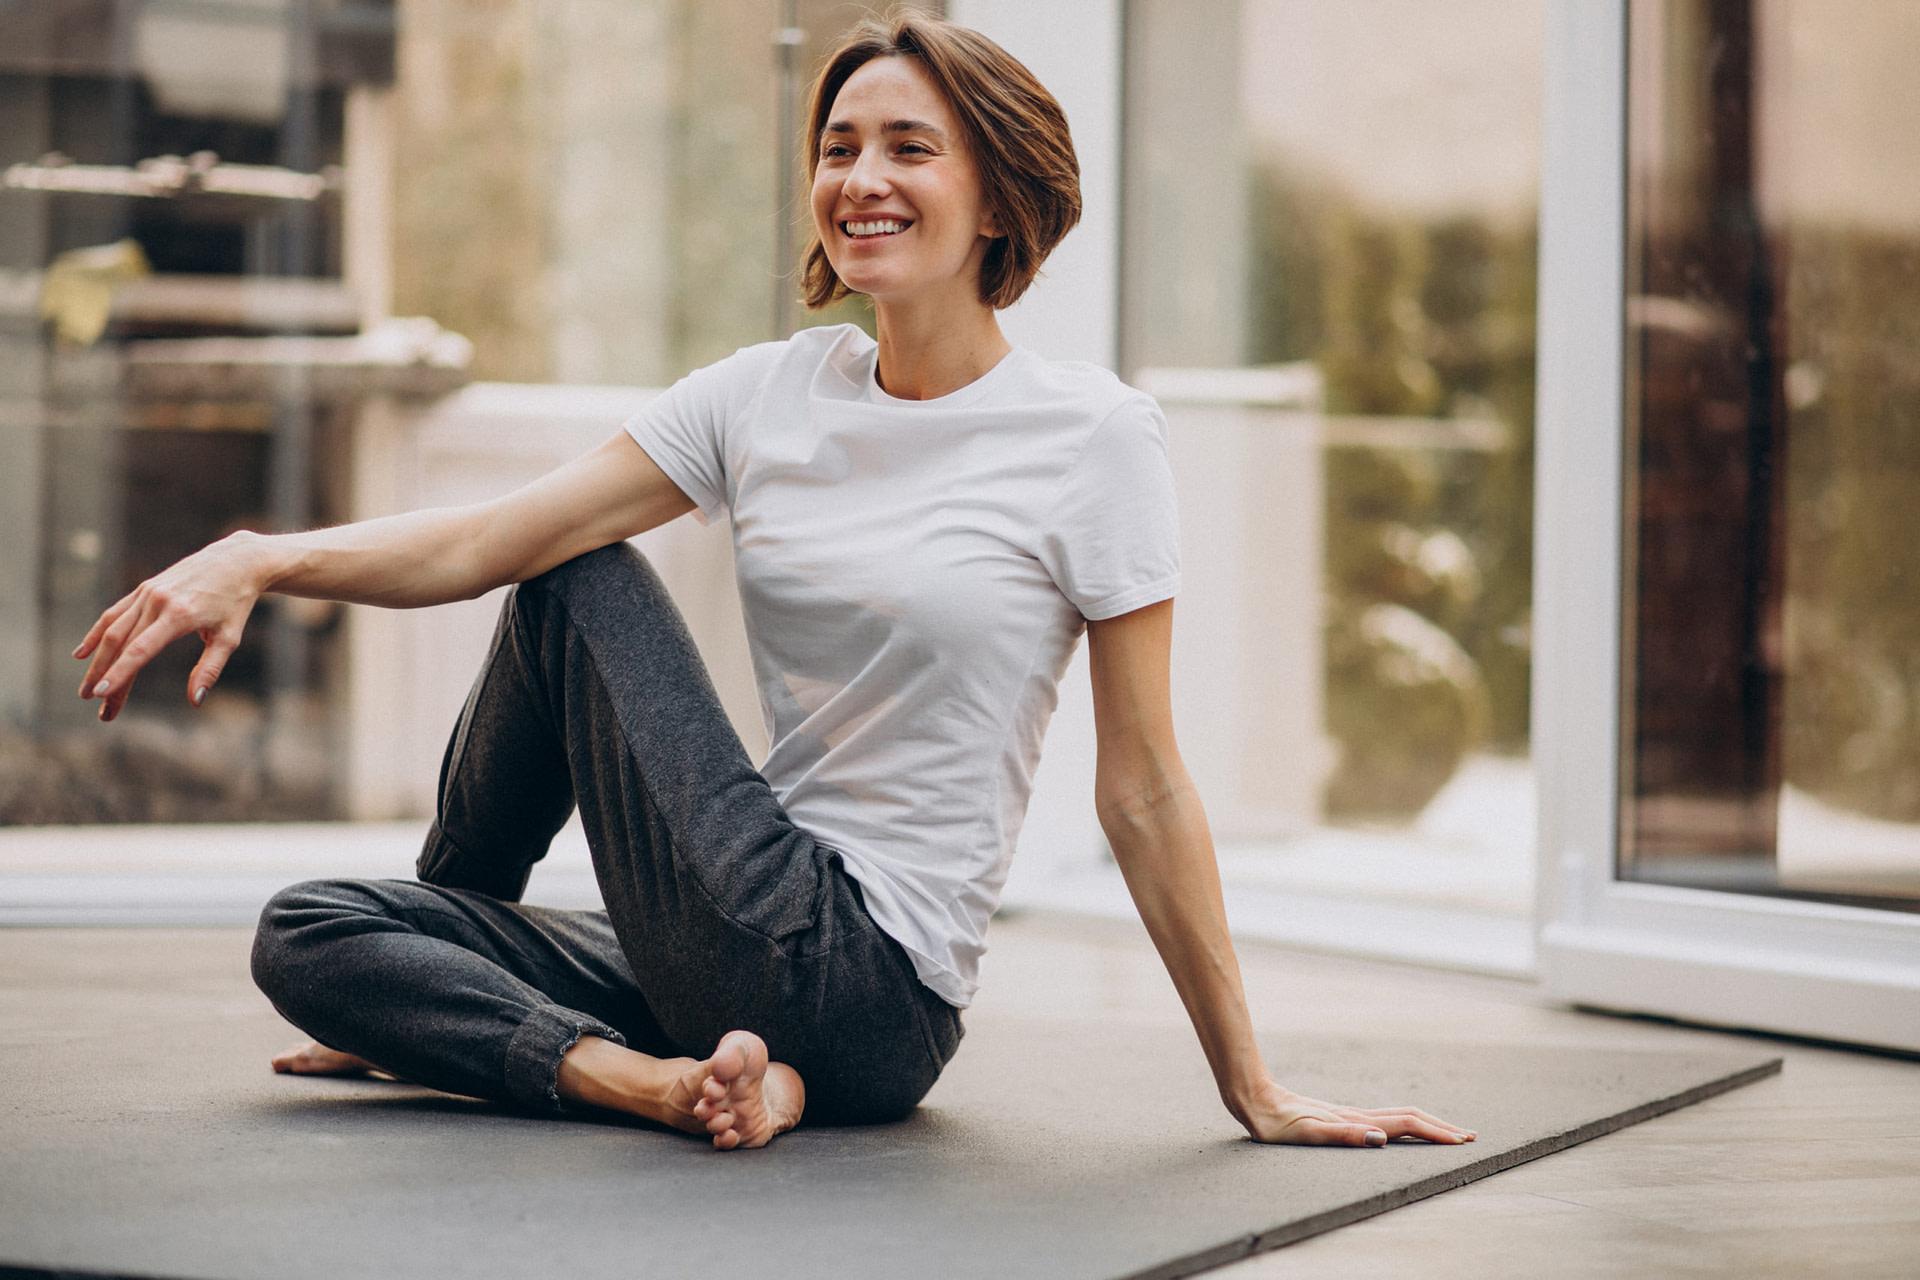 mujer en una clase de yoga.